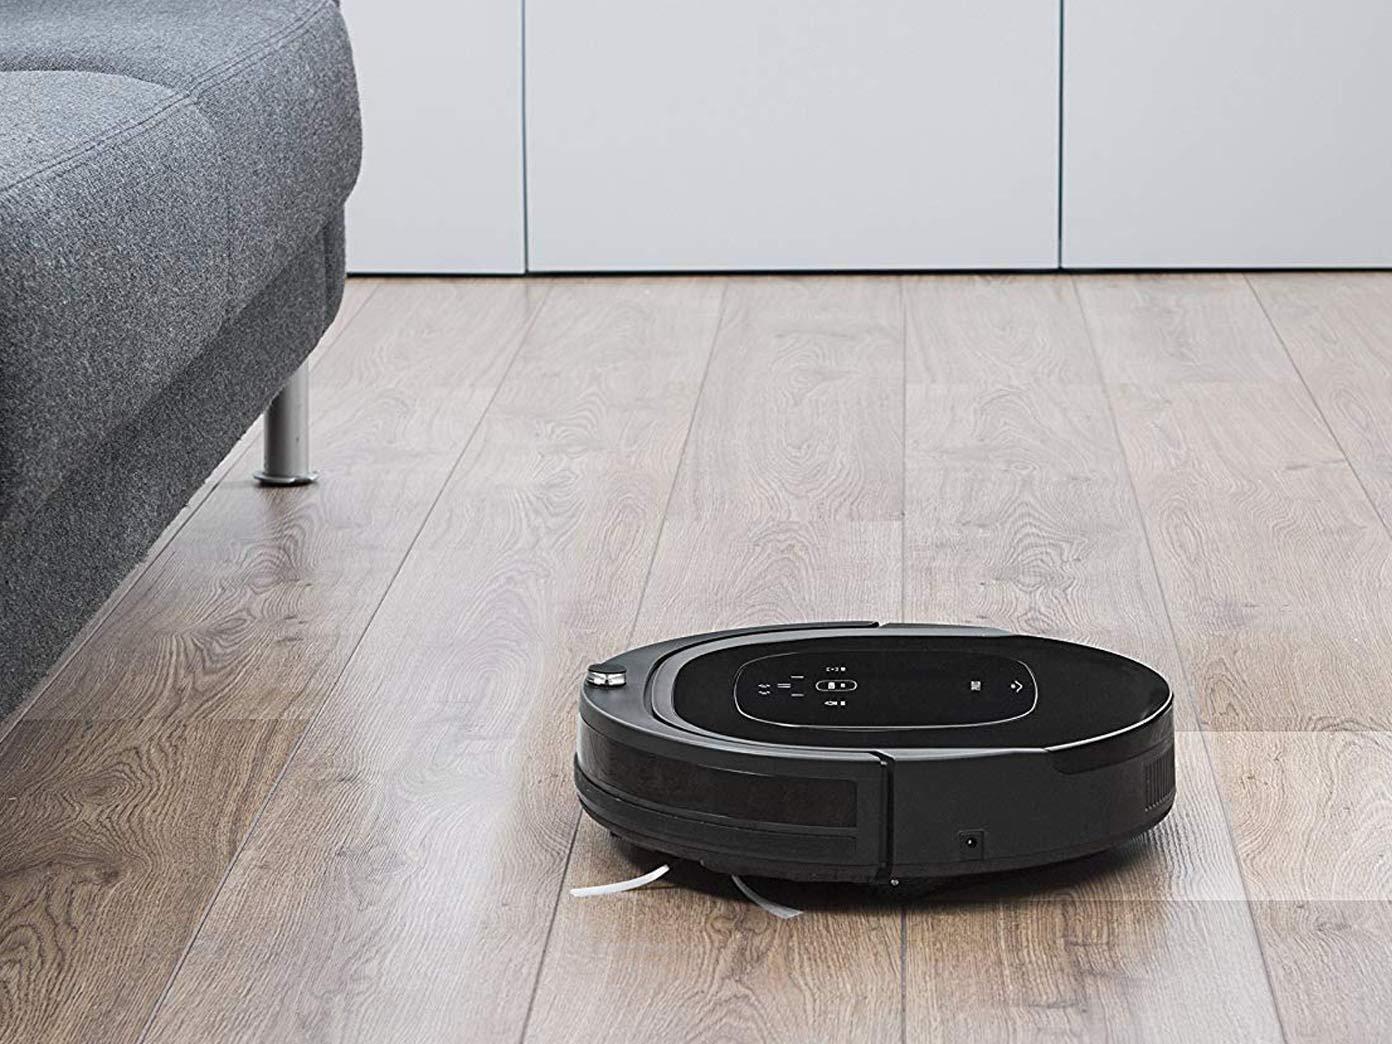 Robot aspirador Princess controlado por aplicación Alexa ...